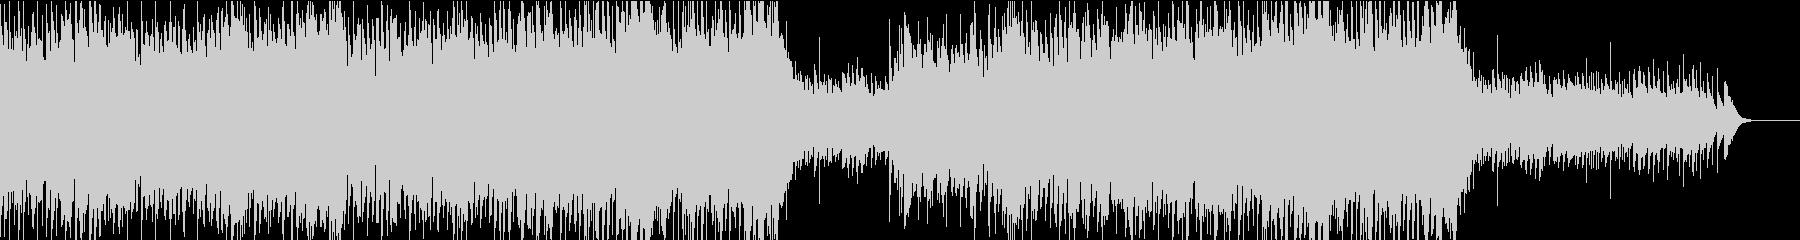 ワルツ風のBGMの未再生の波形